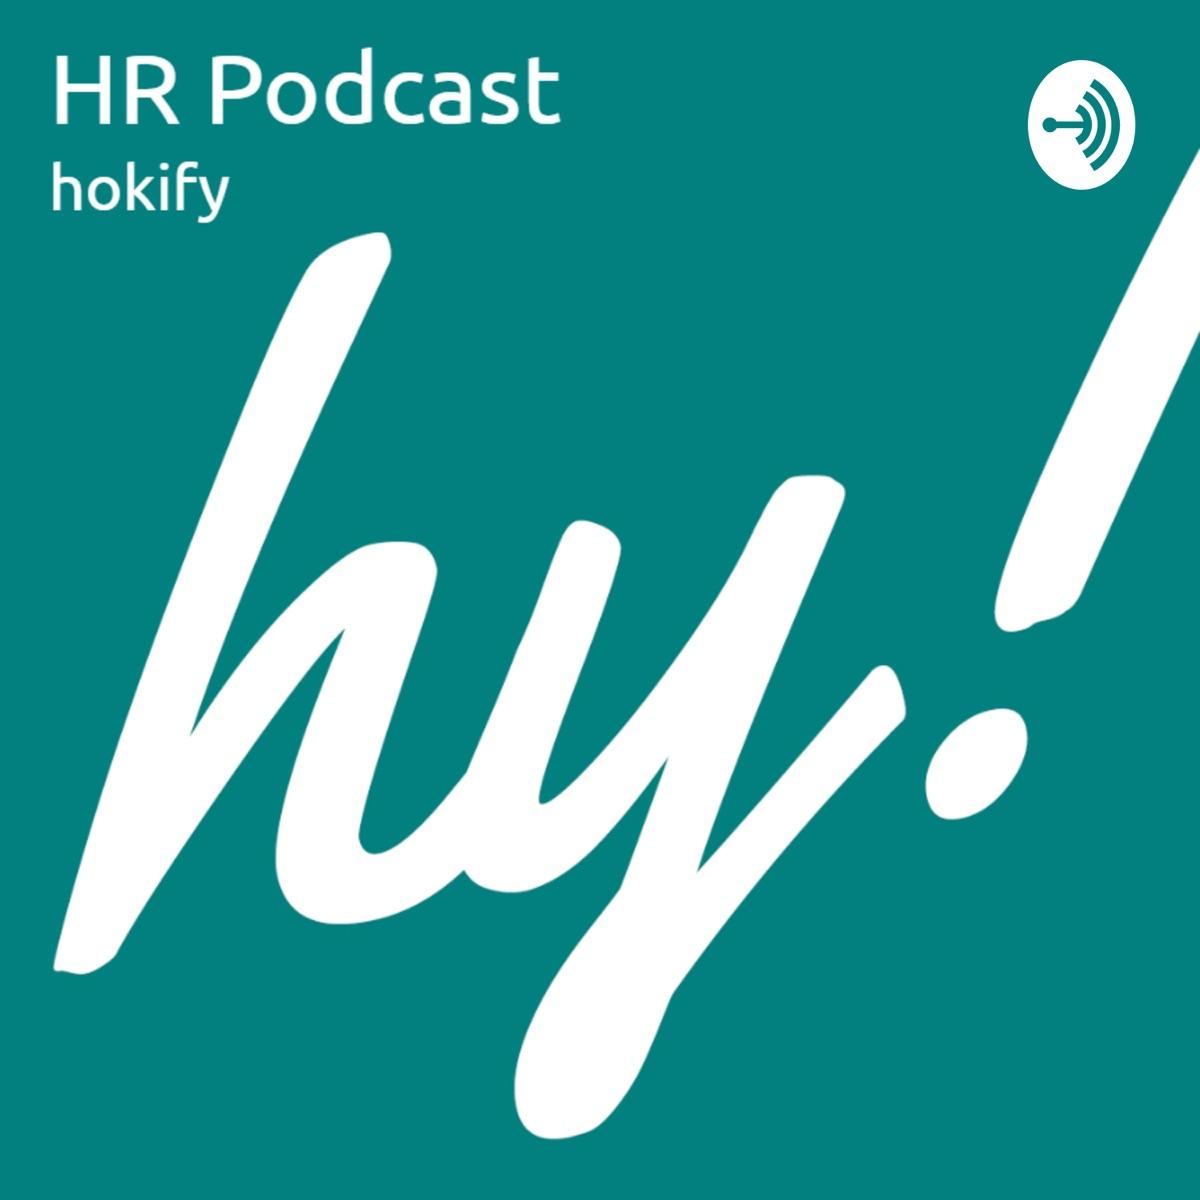 HR Podcast hokify